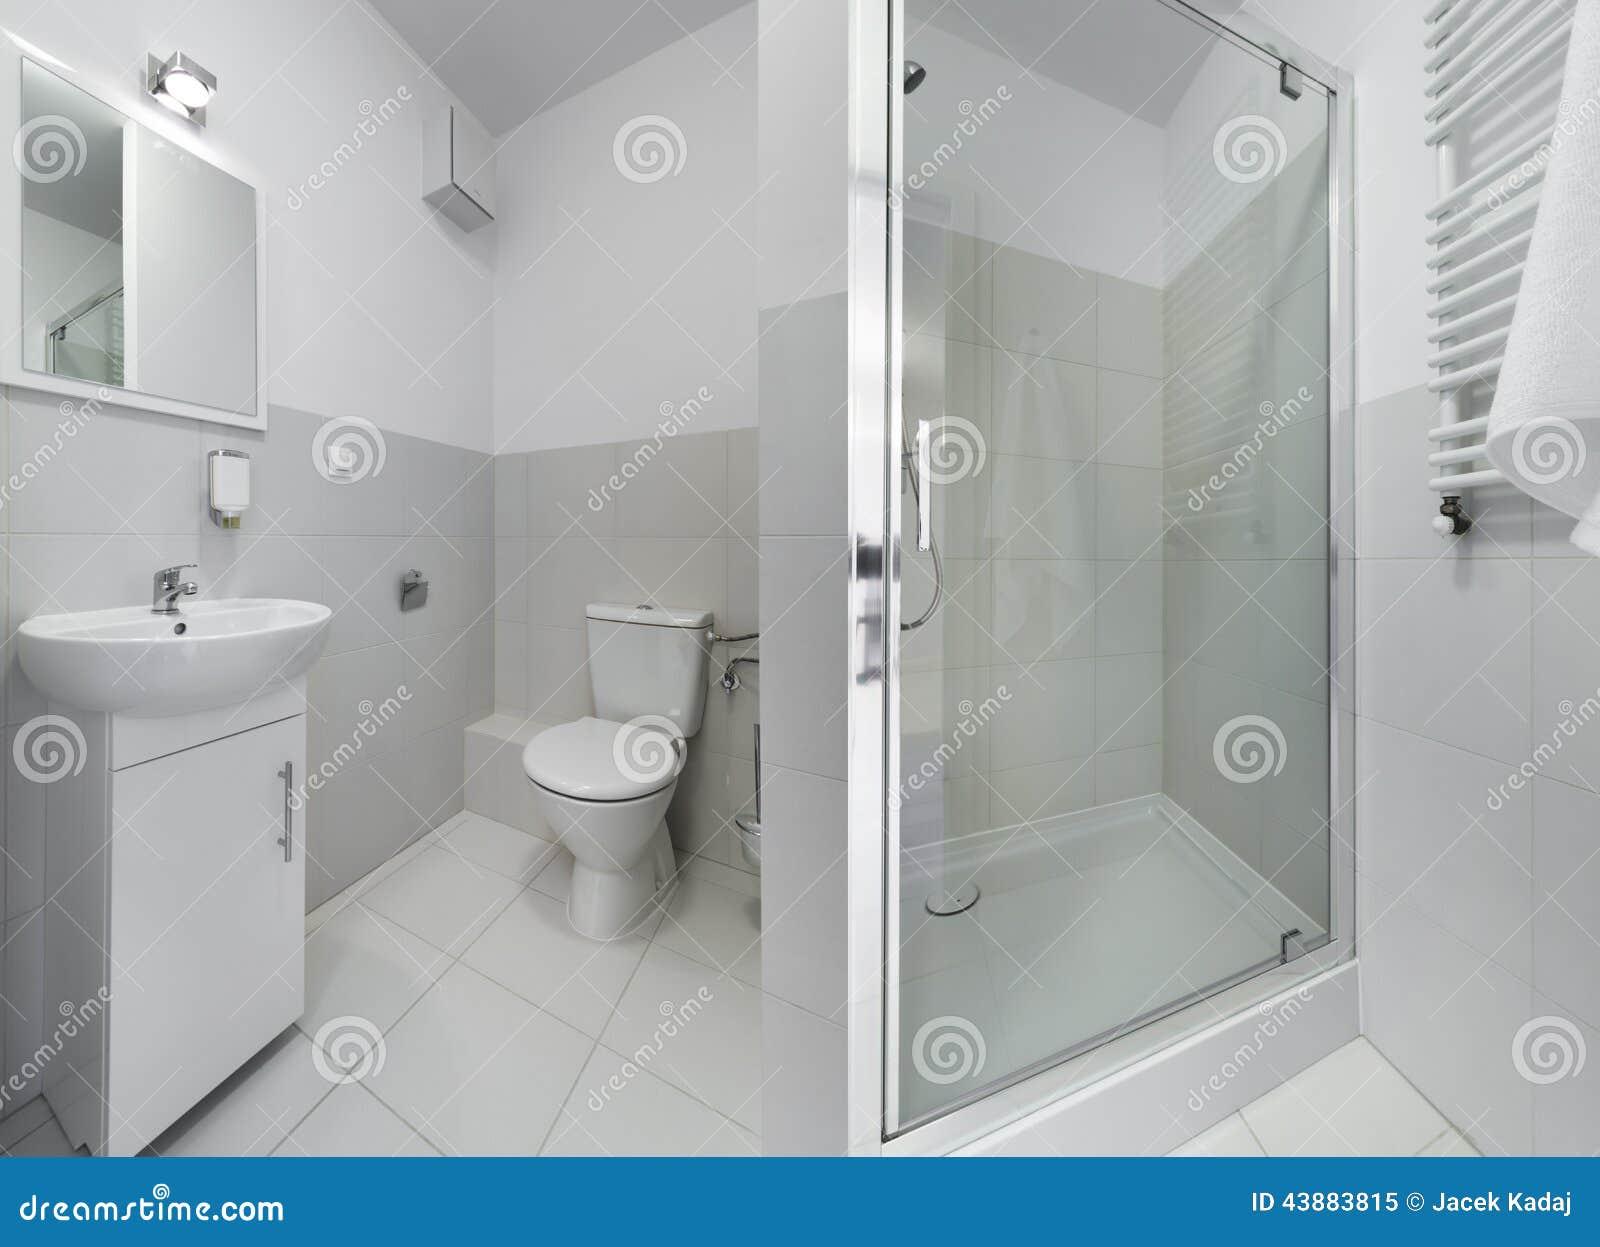 Panorama Do Banheiro Pequeno E Compacto Foto de Stock Imagem  #82A229 1300 1030